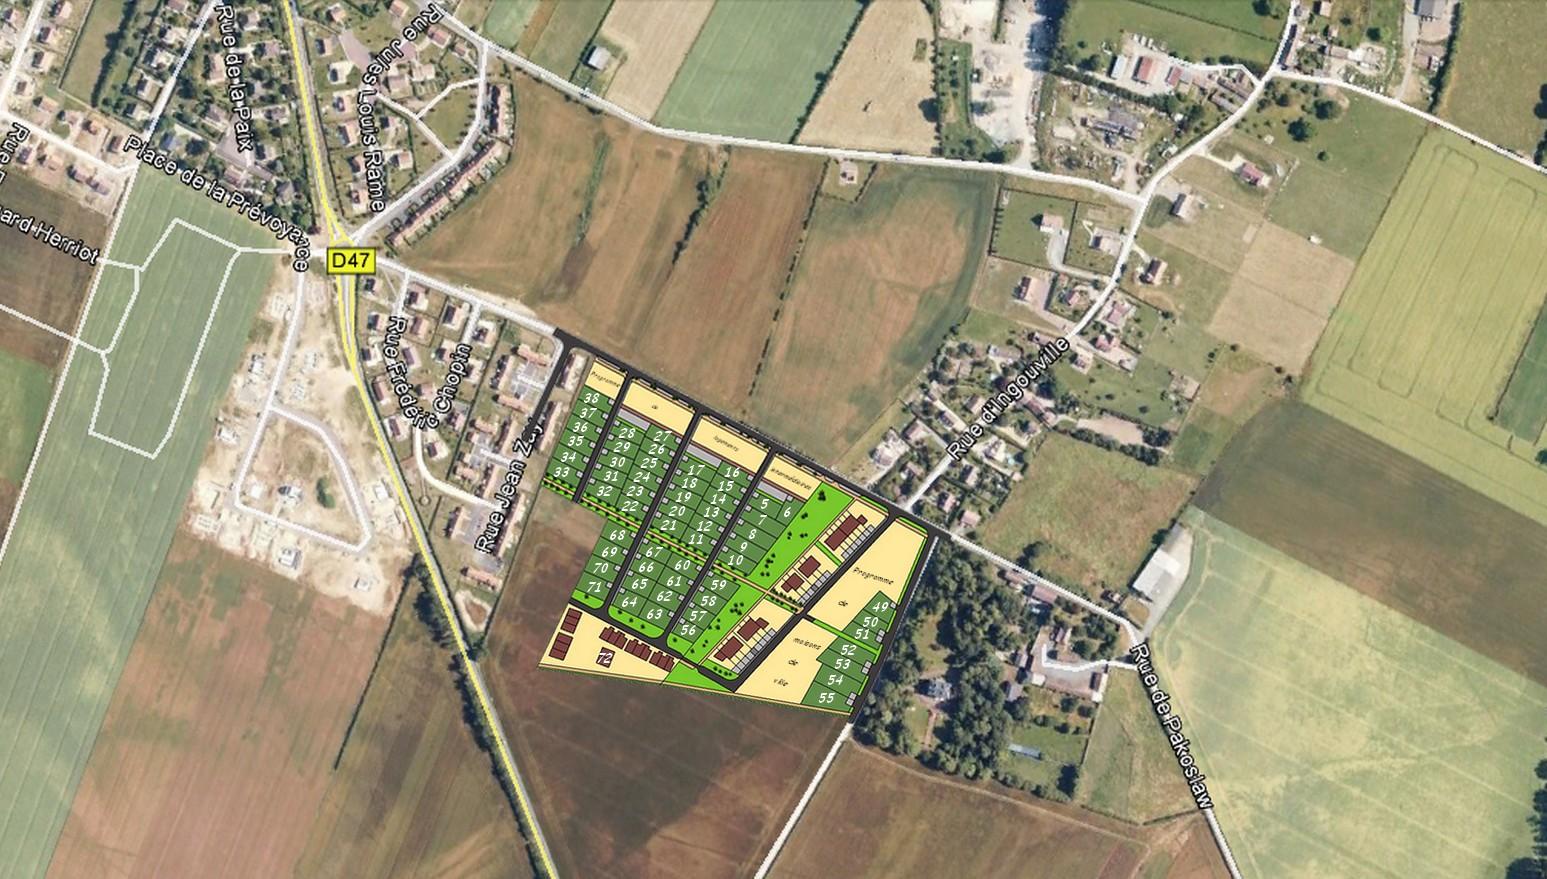 Terrains du constructeur FONCIM • 481 m² • MOULT